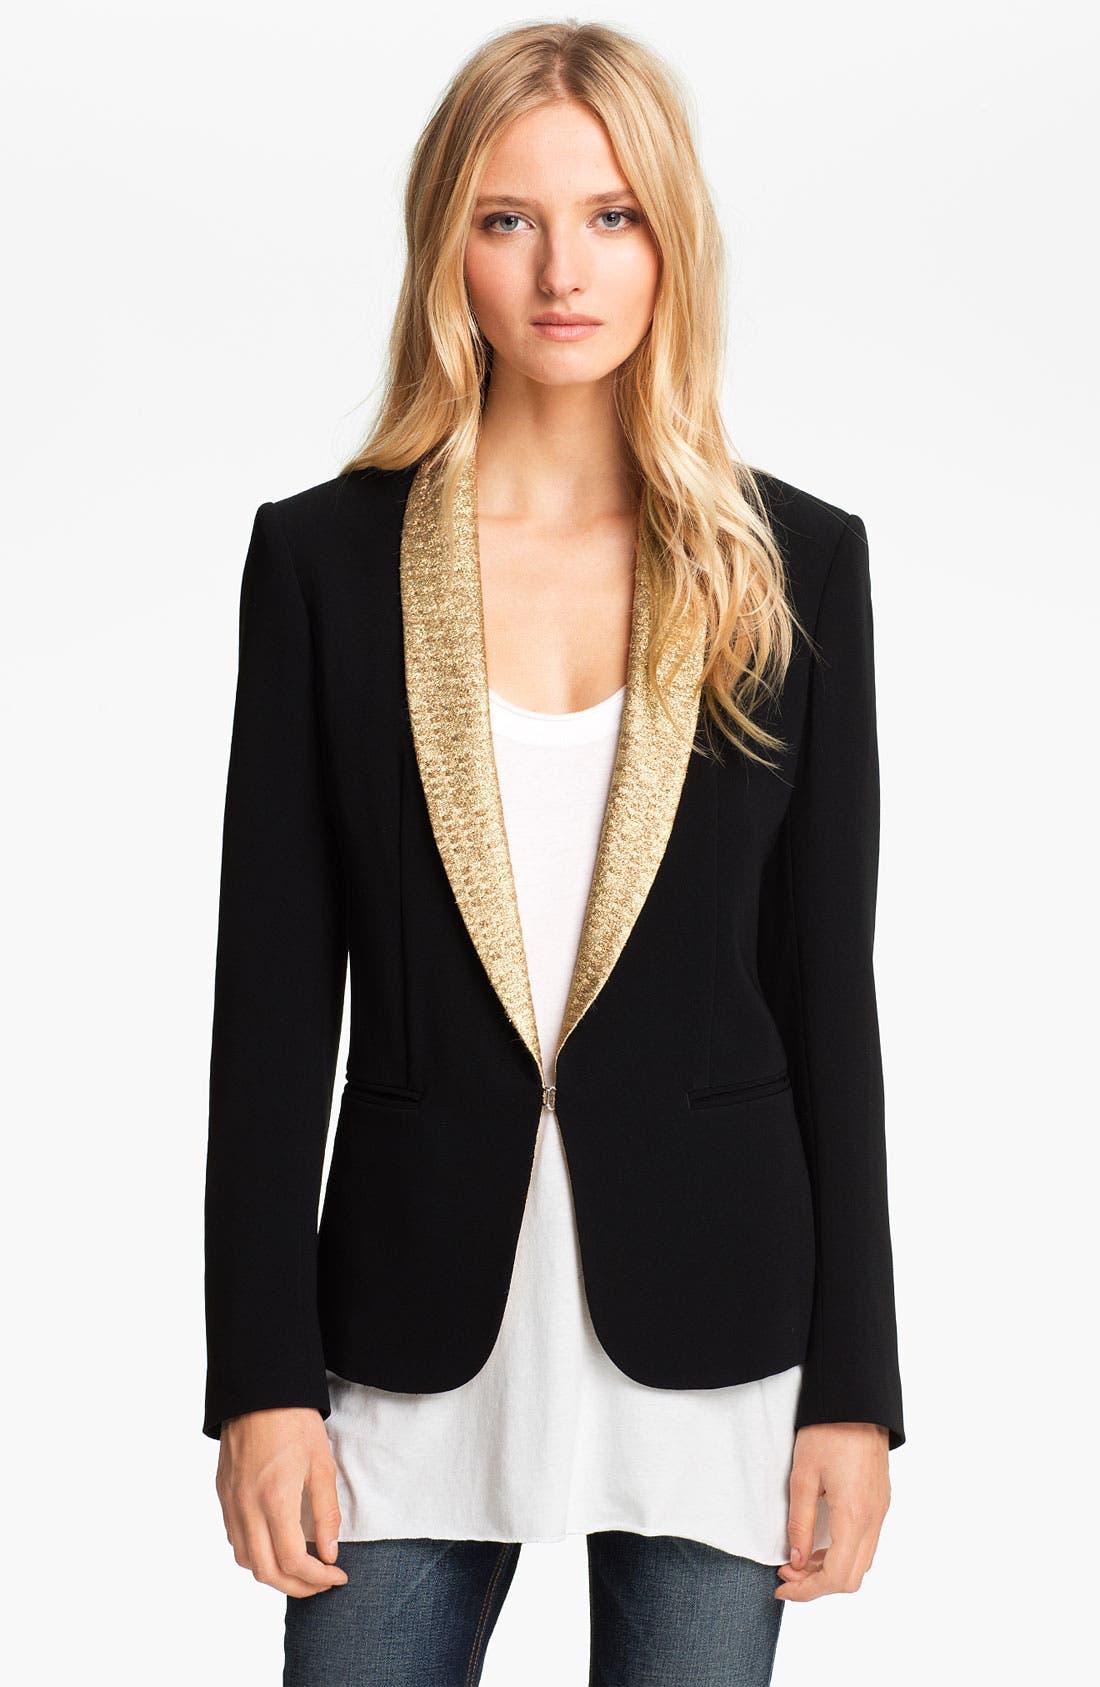 Alternate Image 1 Selected - rag & bone Tuxedo Jacket